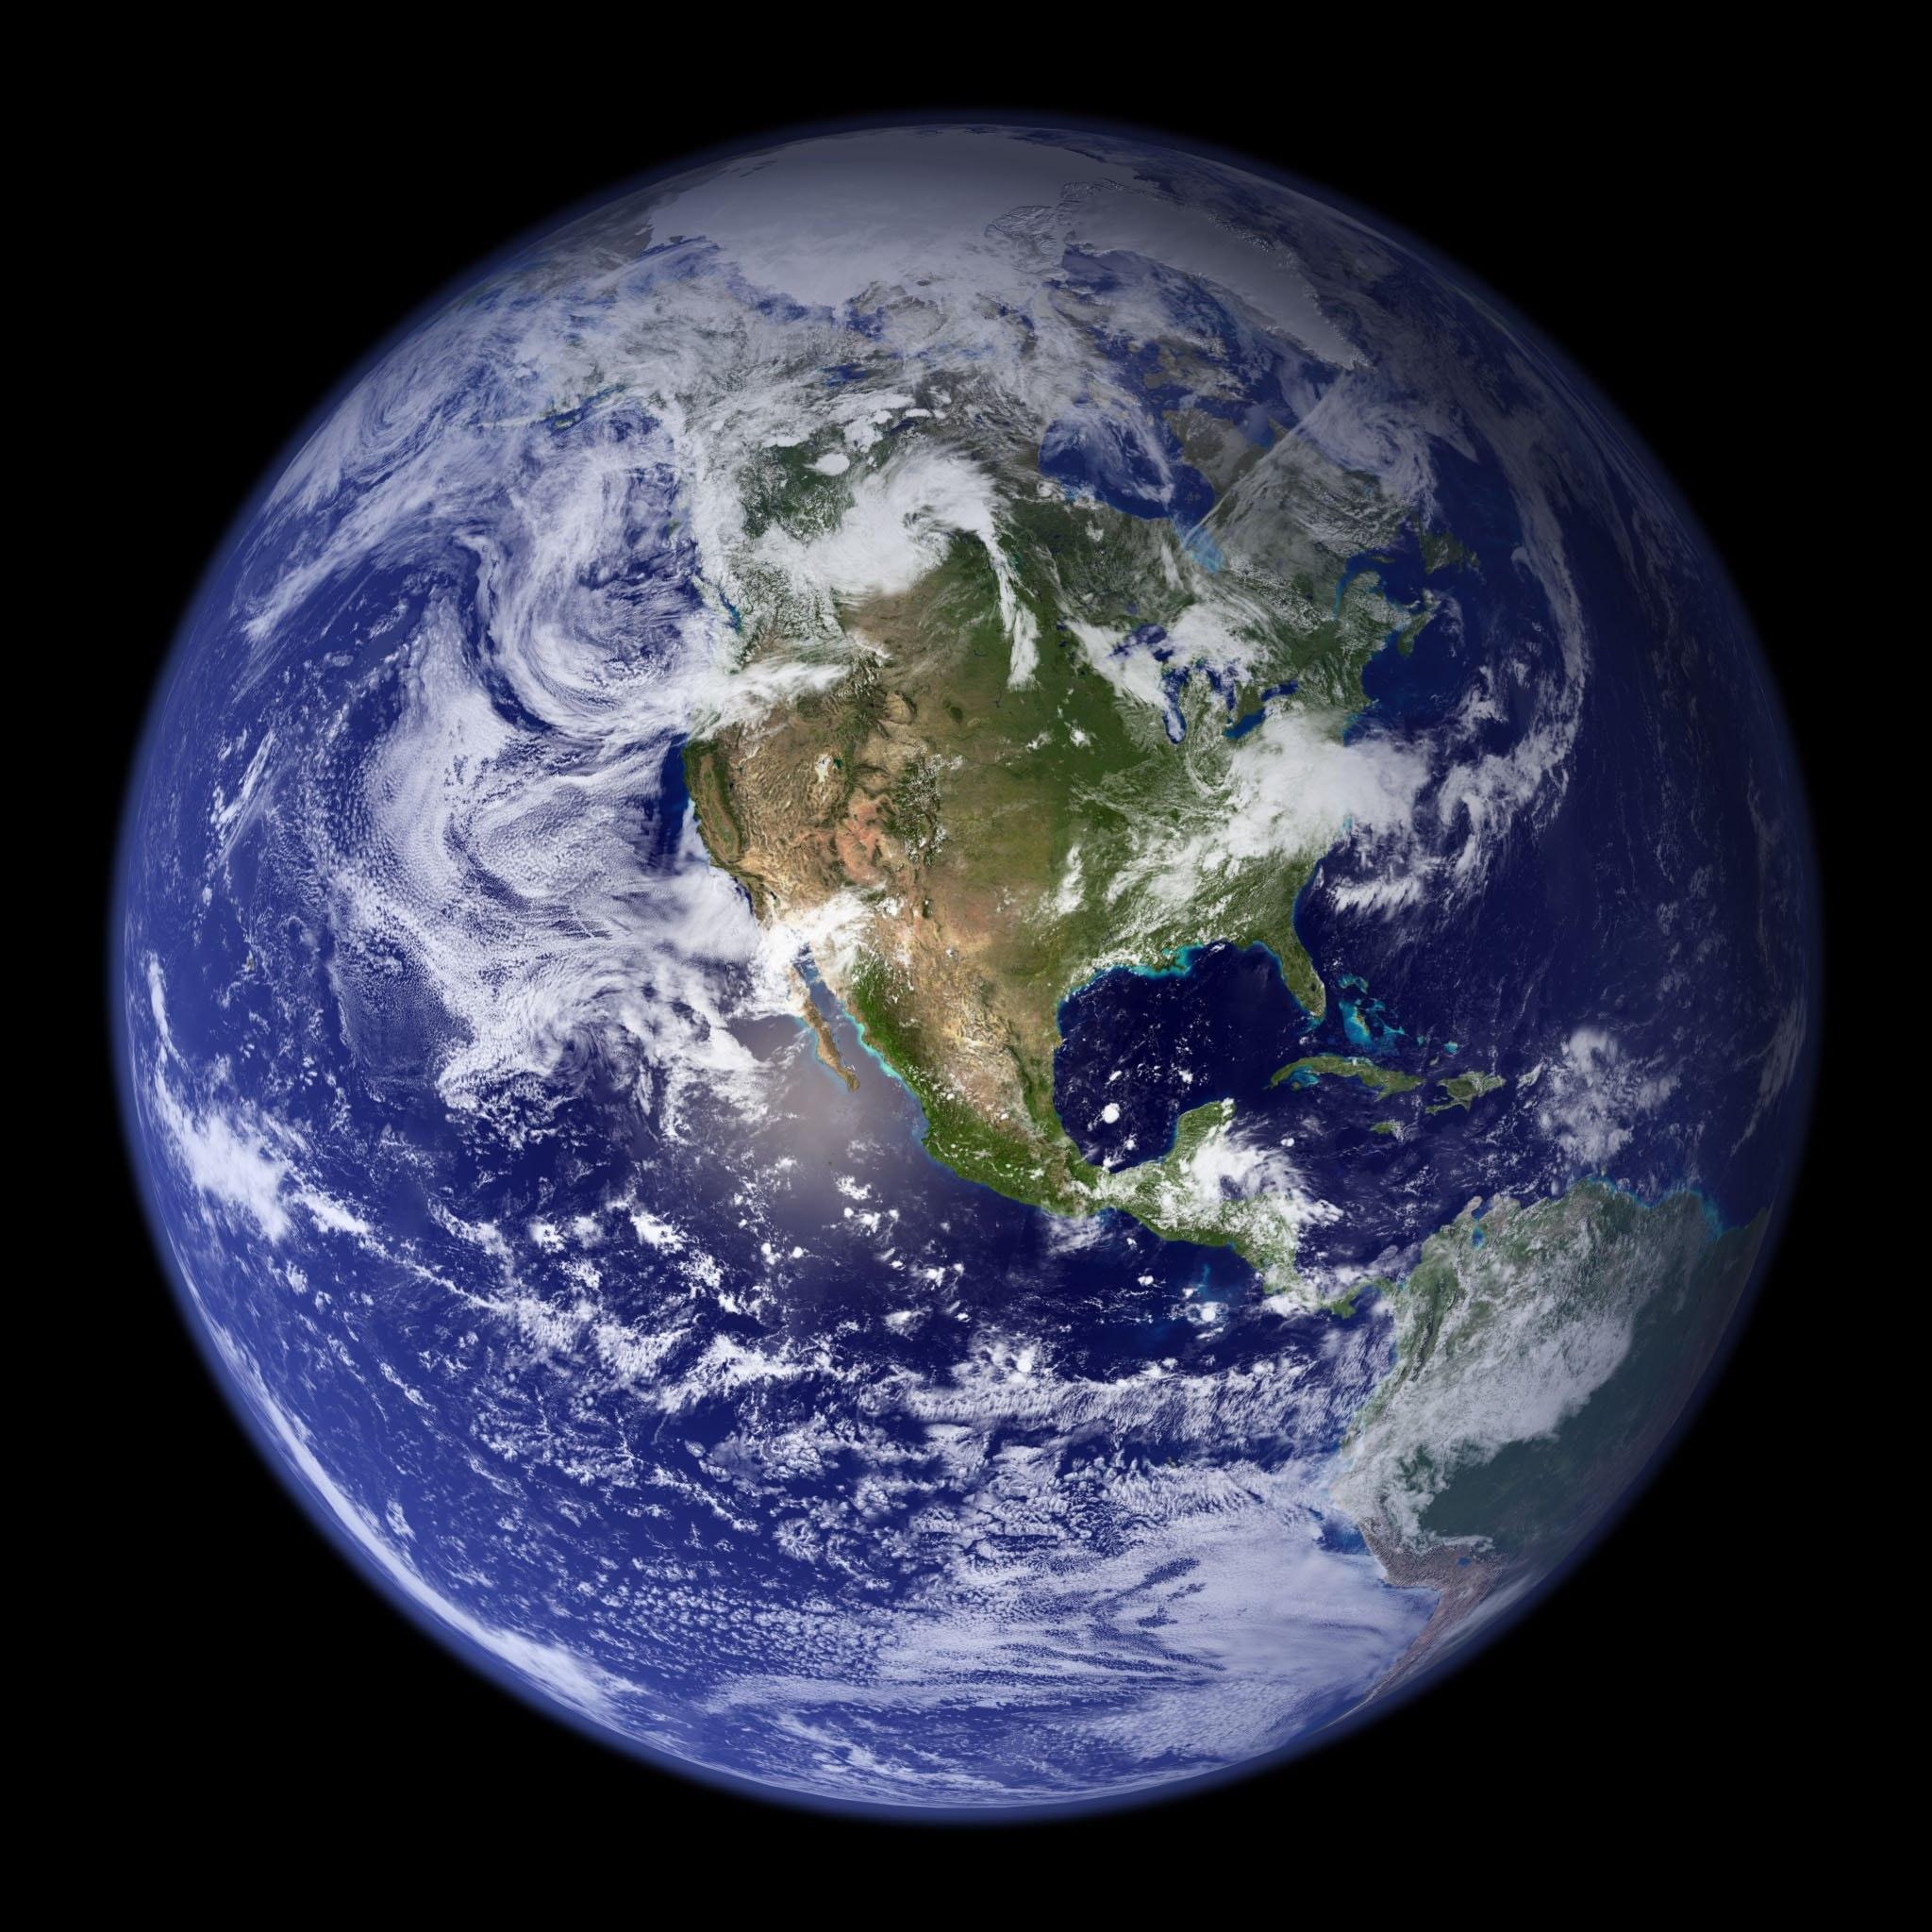 Vårt hem är ömtåligt - Hållbarhet på alla plan är enda vägen framåt